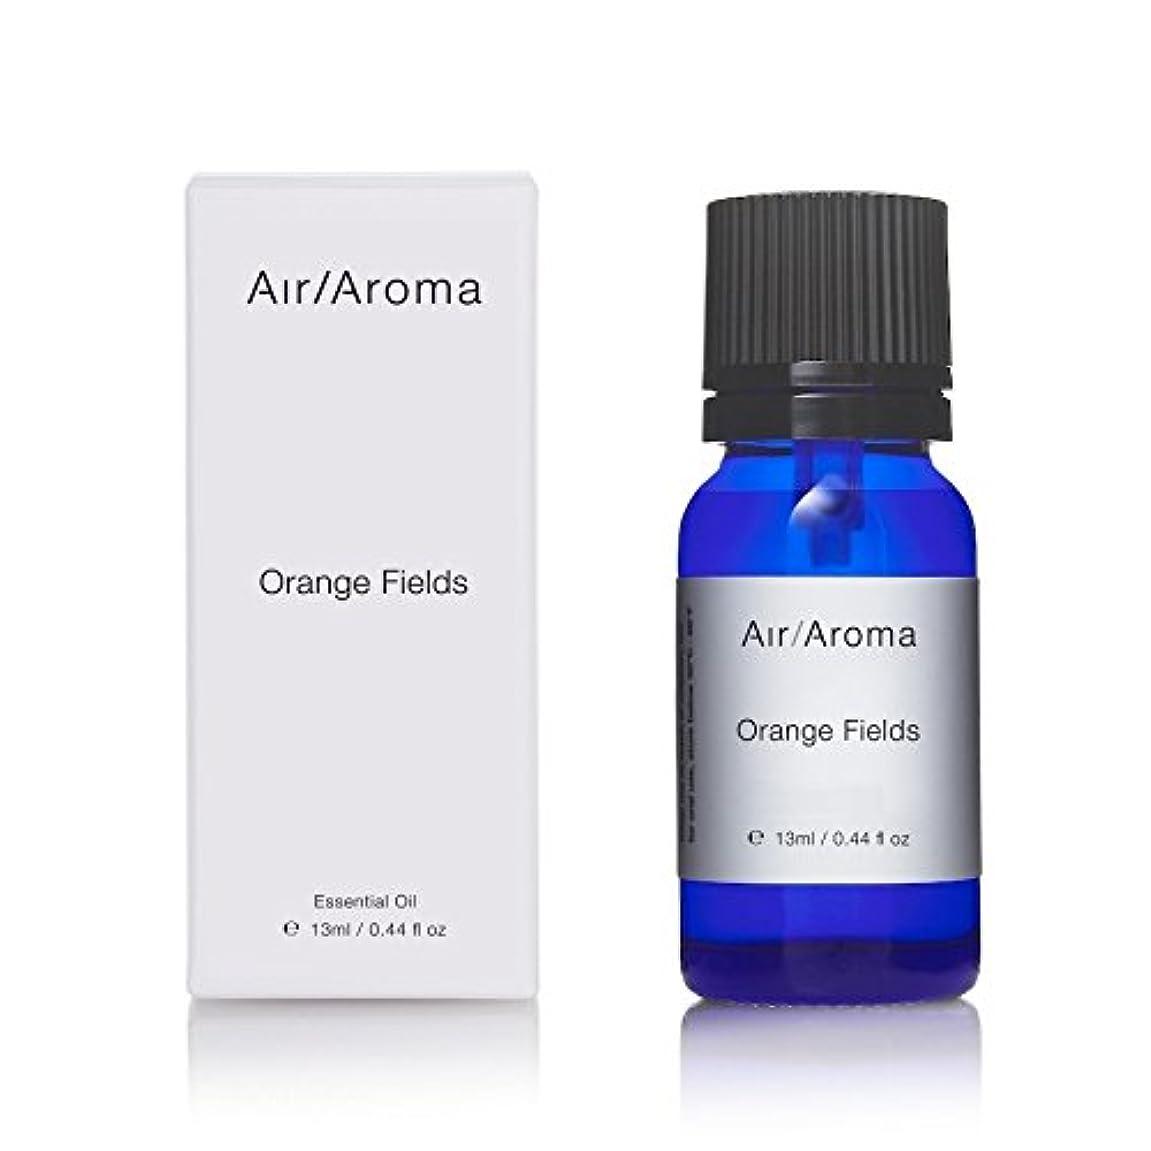 余裕がある衣装産地エアアロマ orange fields (オレンジフィールド) 13ml